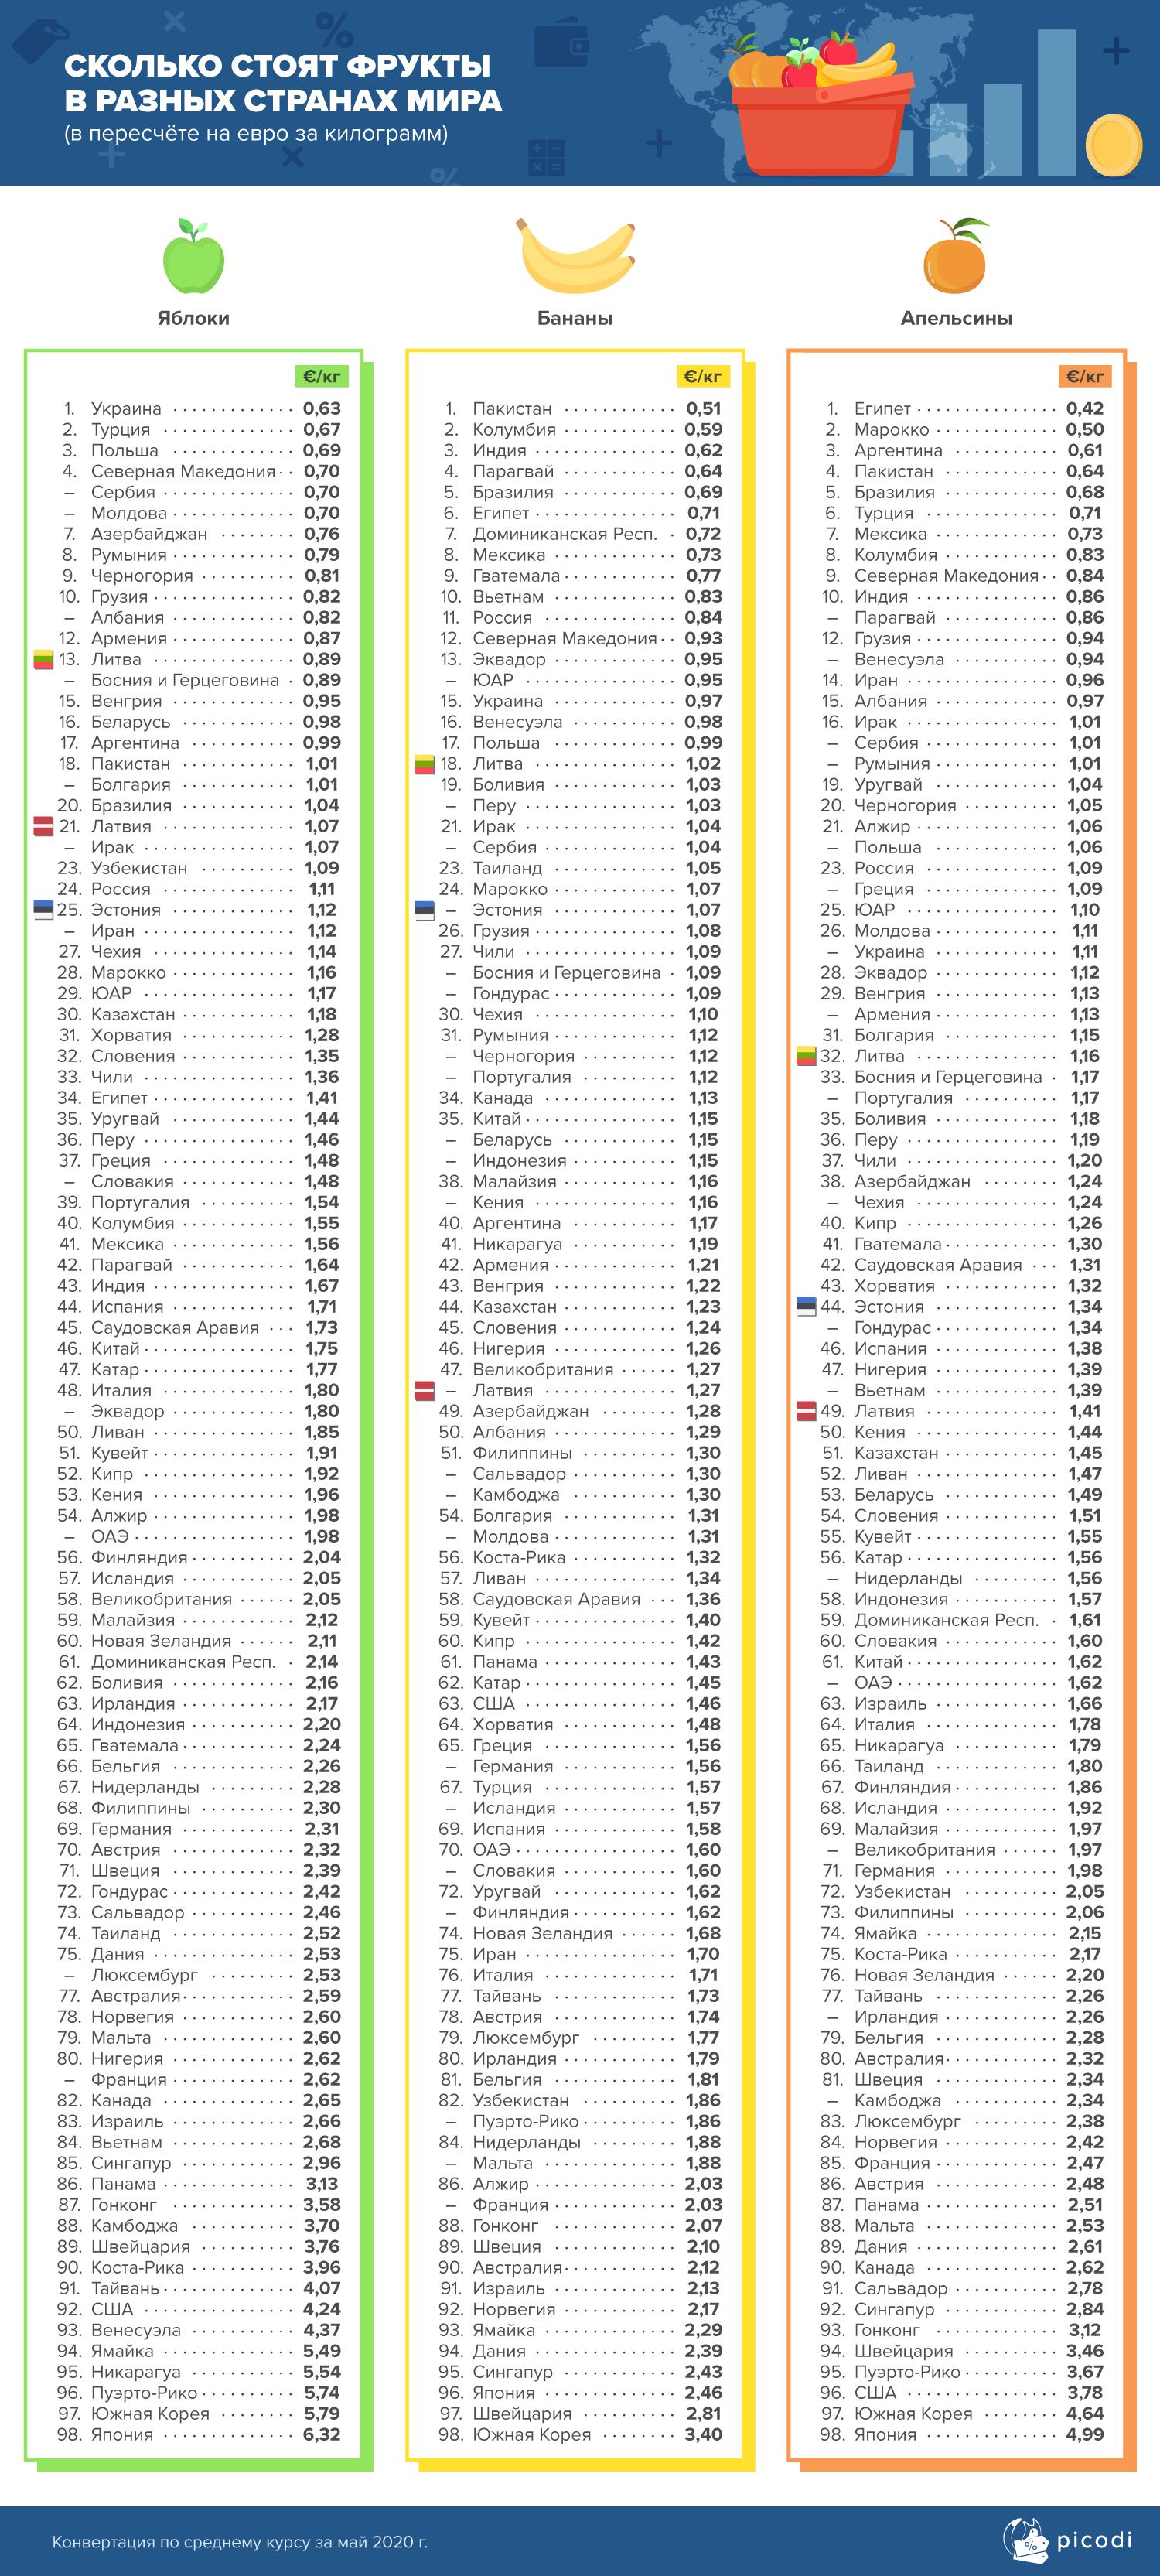 Сколько стоят фрукты в разных странах мира